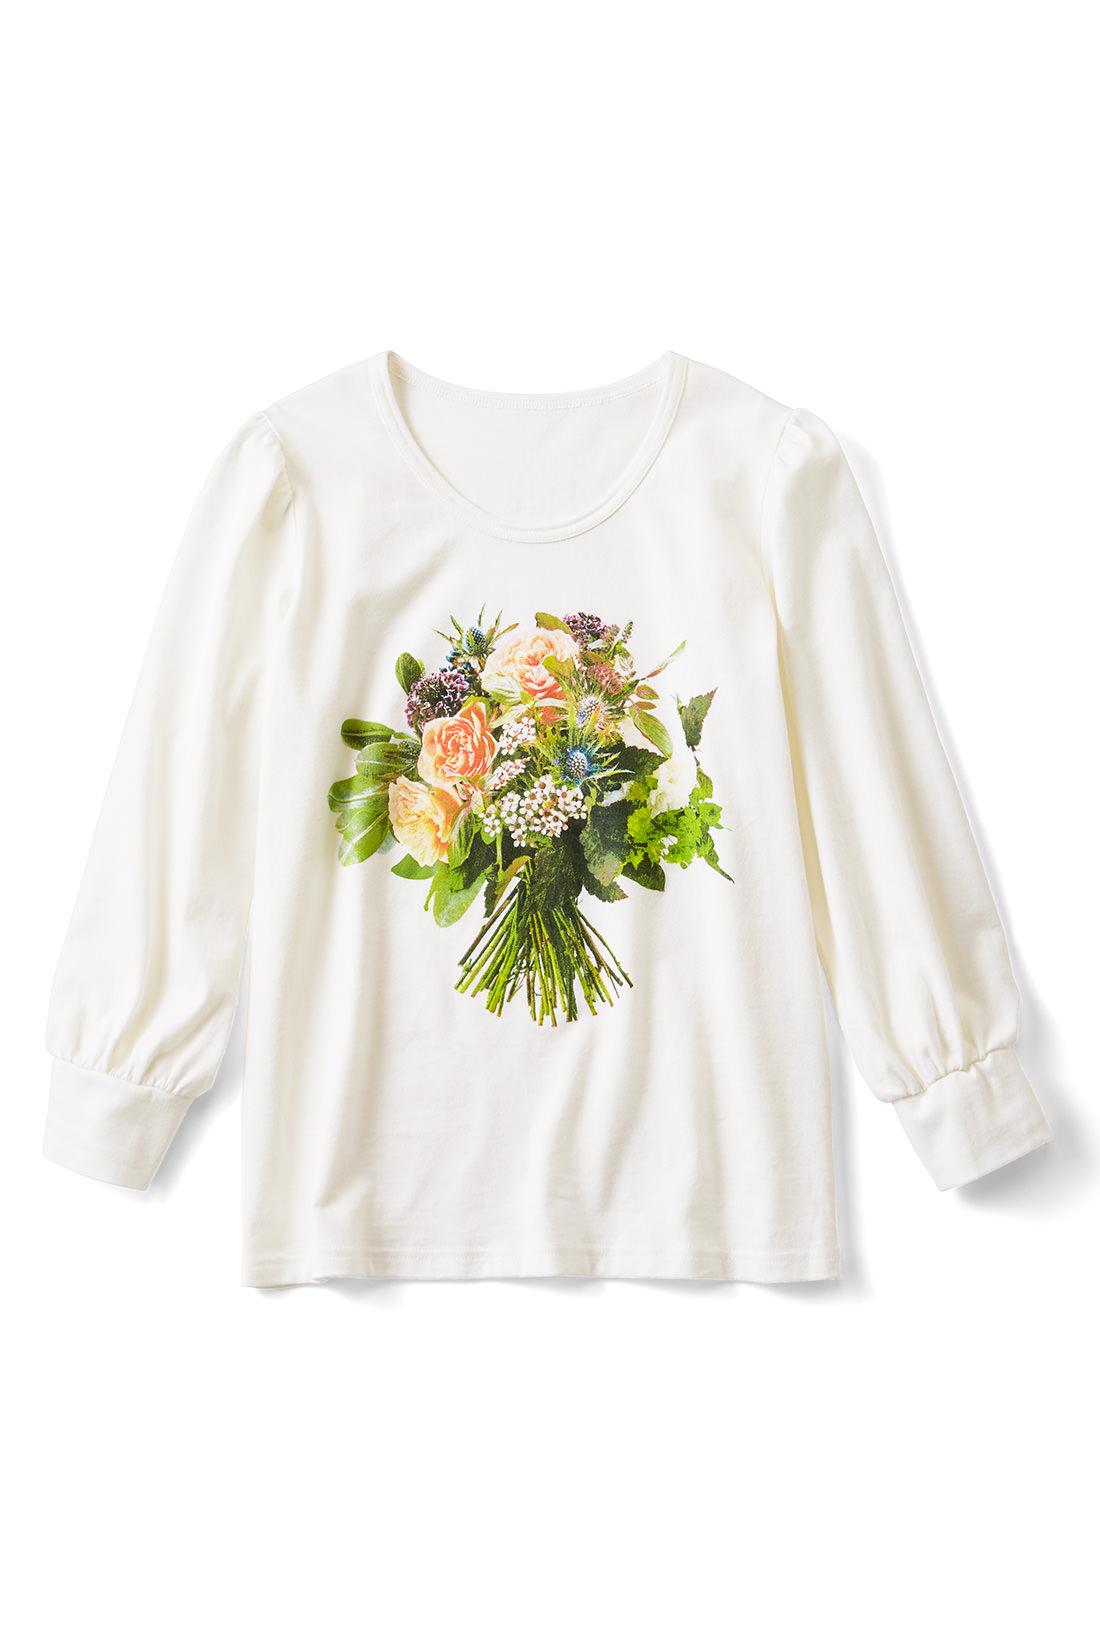 [ホワイト]手を添えれば花束を持っているみたい。袖はギャザーでぷっくりかわいい。